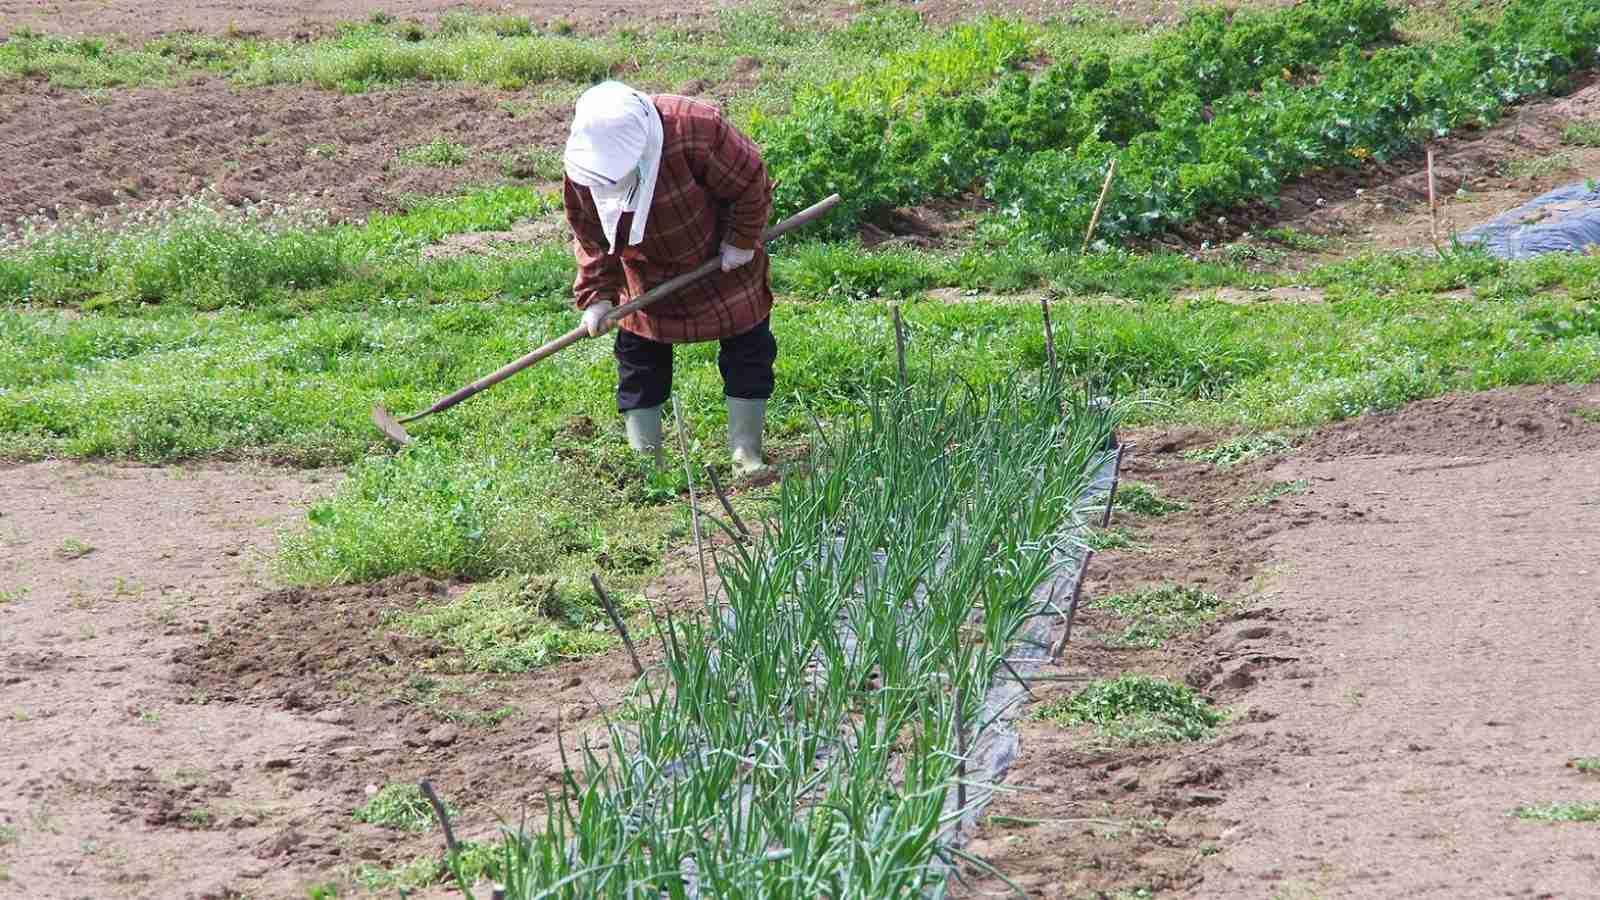 農業の「外国人就労特区」法案に潜む重大問題 | 政策 | 東洋経済オンライン | 経済ニュースの新基準